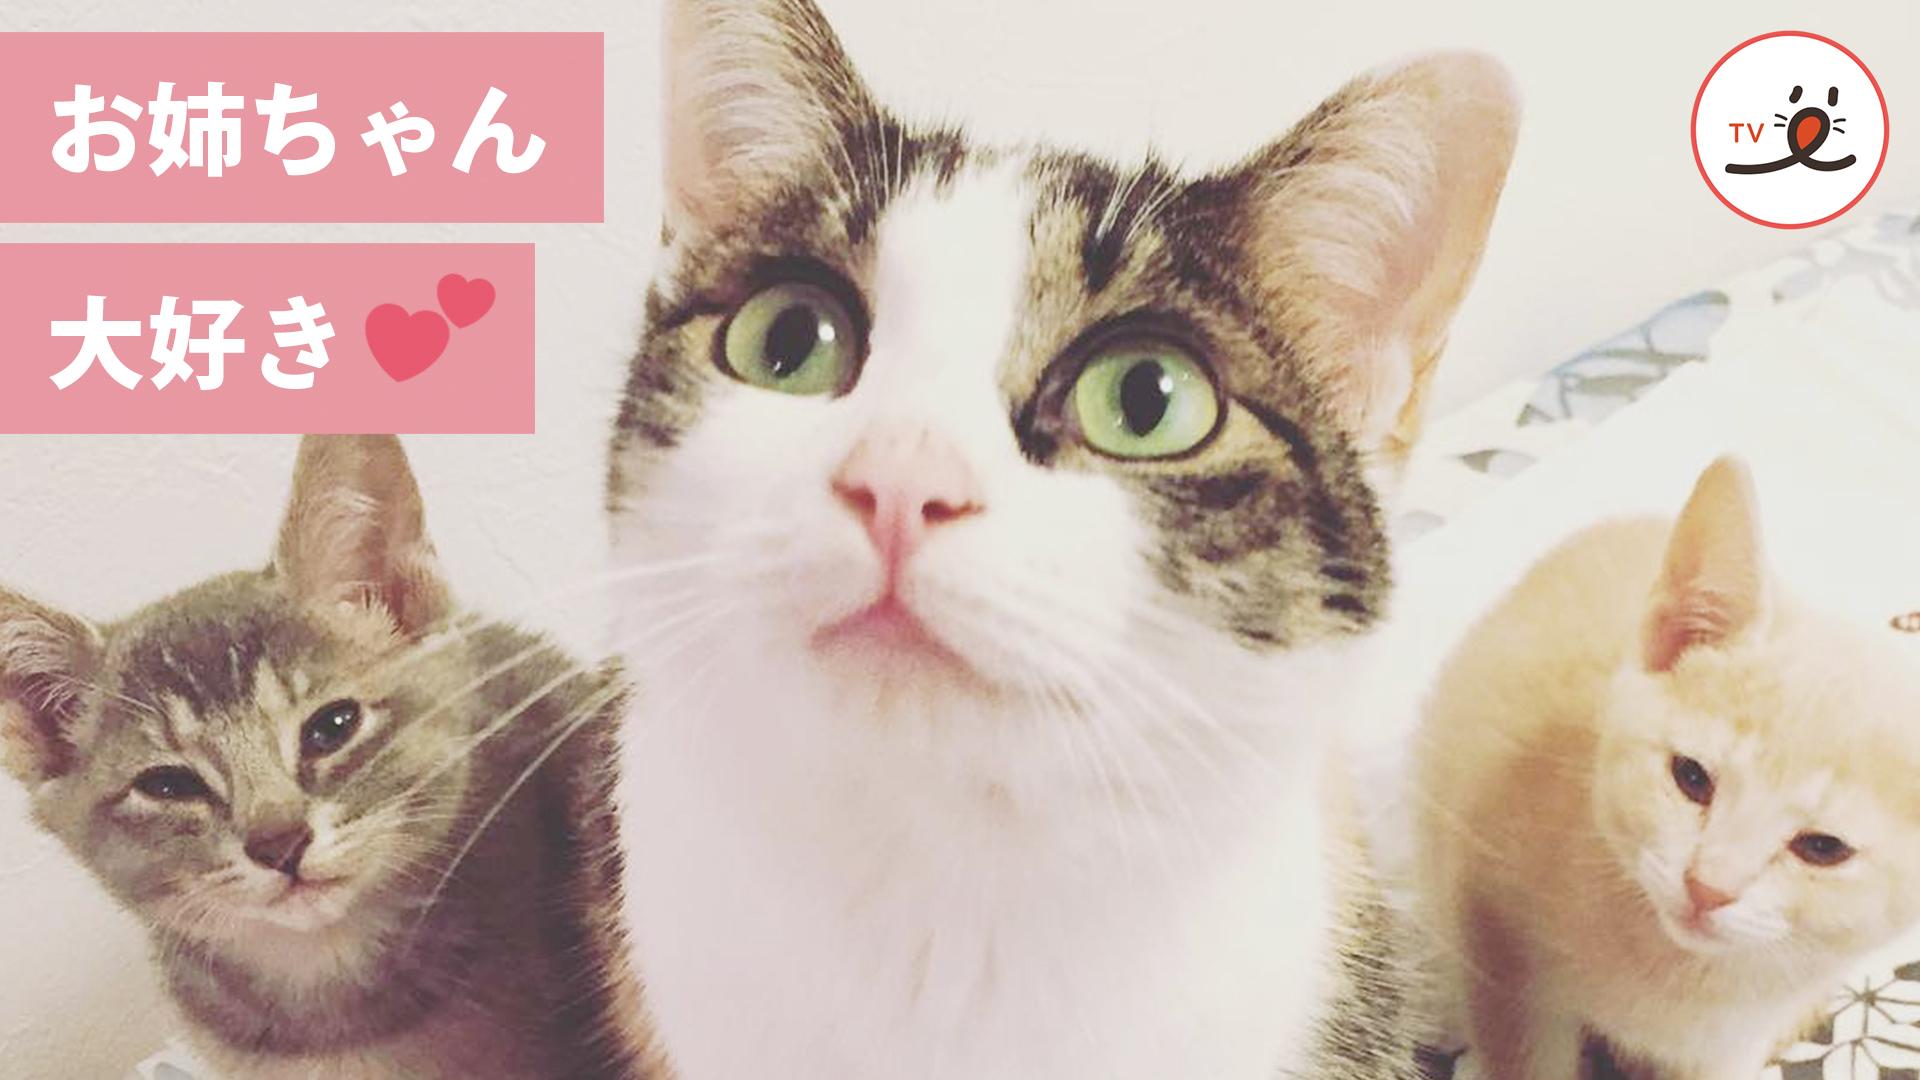 ツンデレ猫のお姉ちゃんと、兄弟猫の甘酸っぱ〜い日々😻